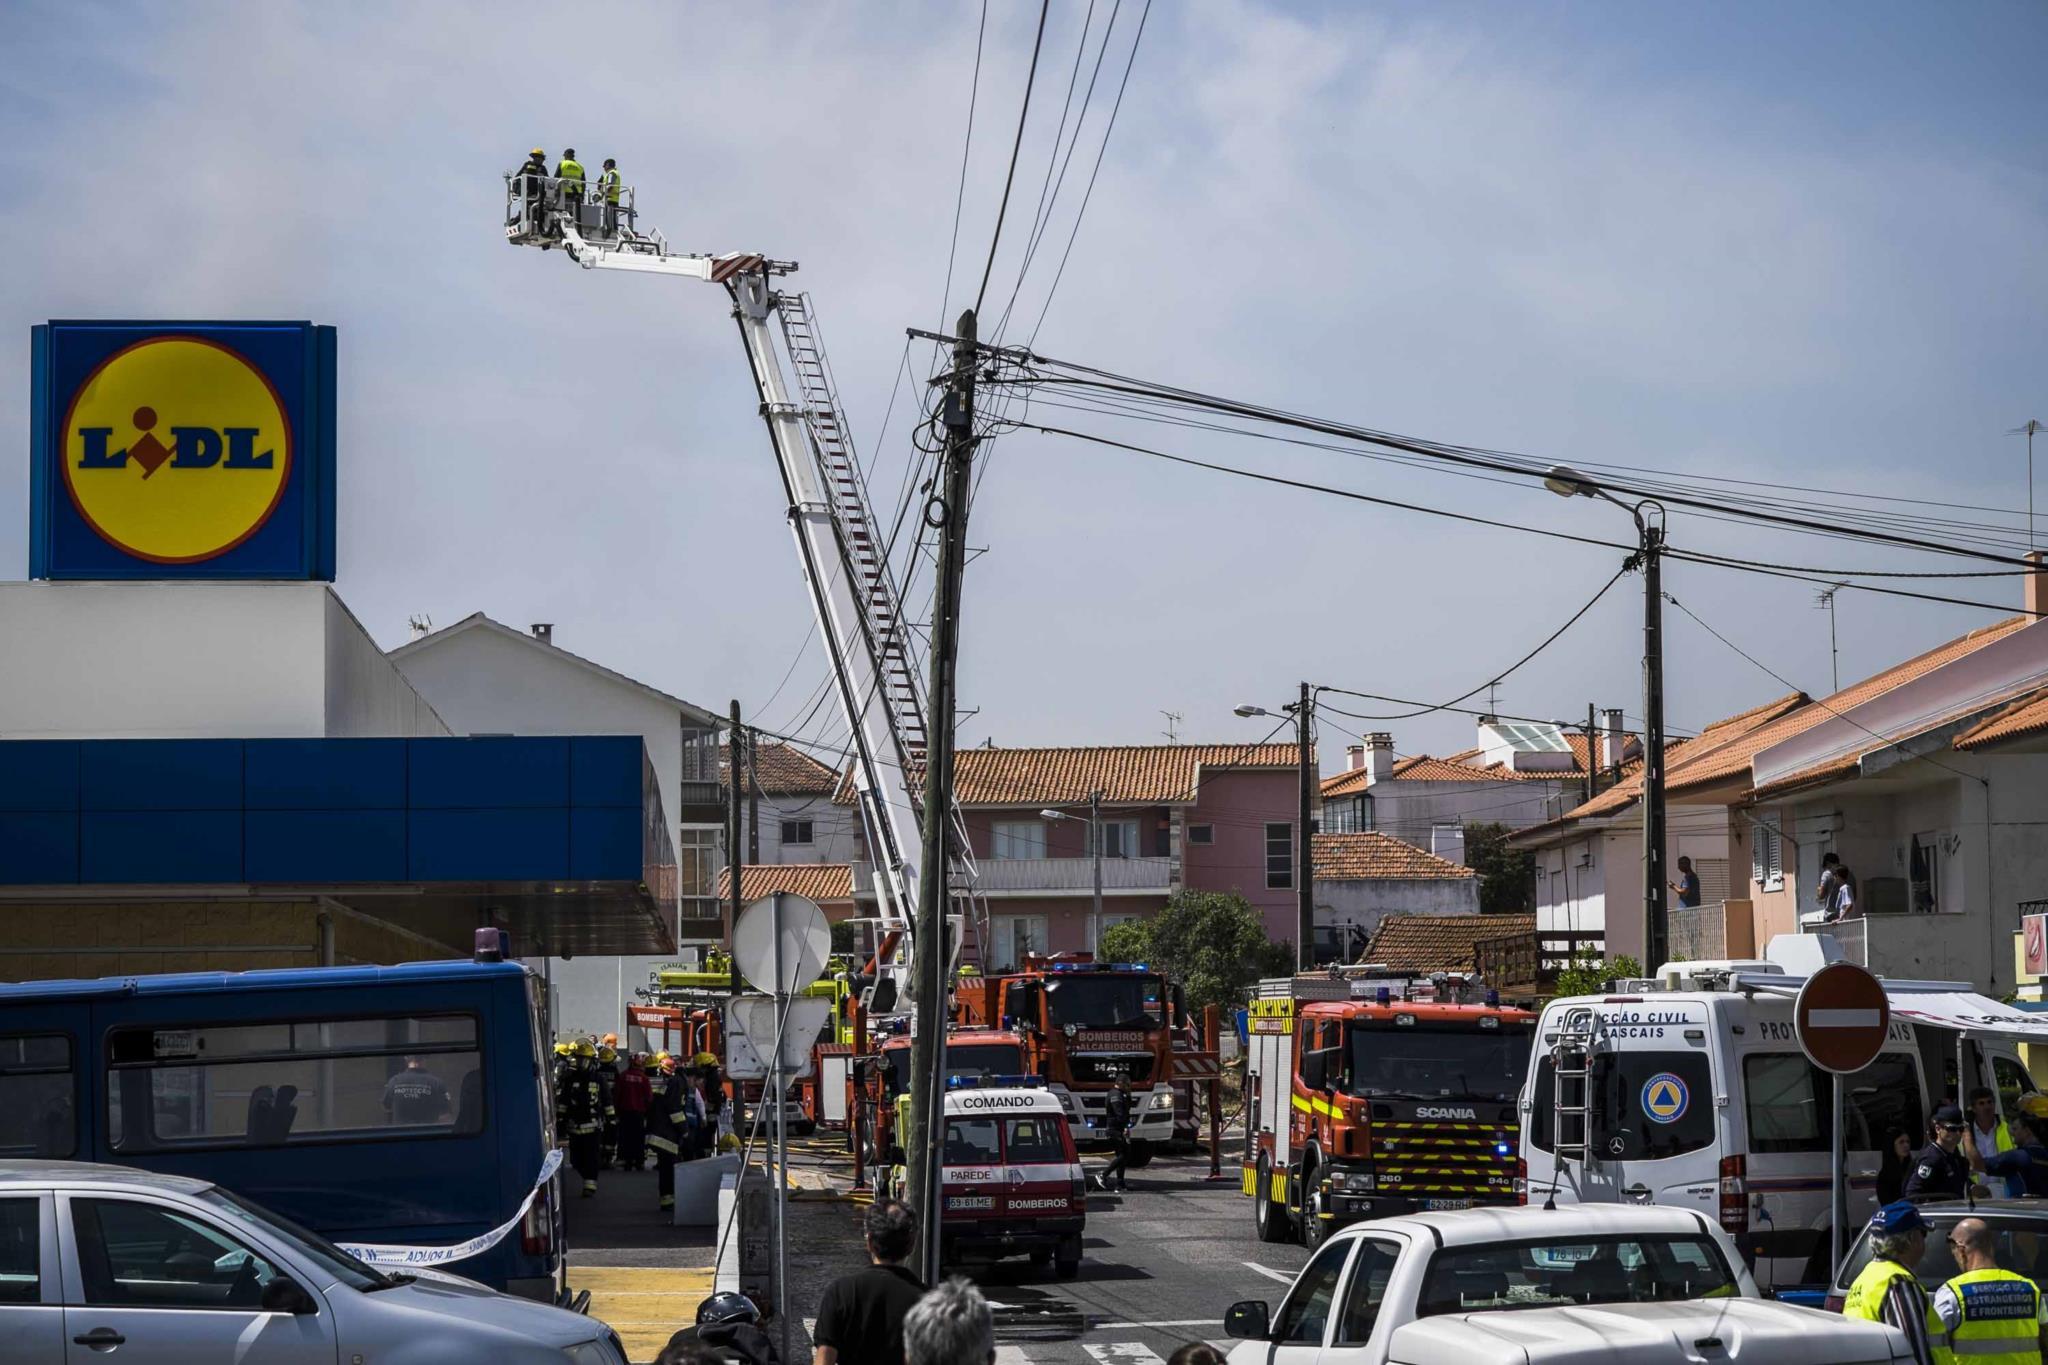 PÚBLICO - Avião que caiu em Tires perdeu o controlo e explodiu no solo, diz relatório